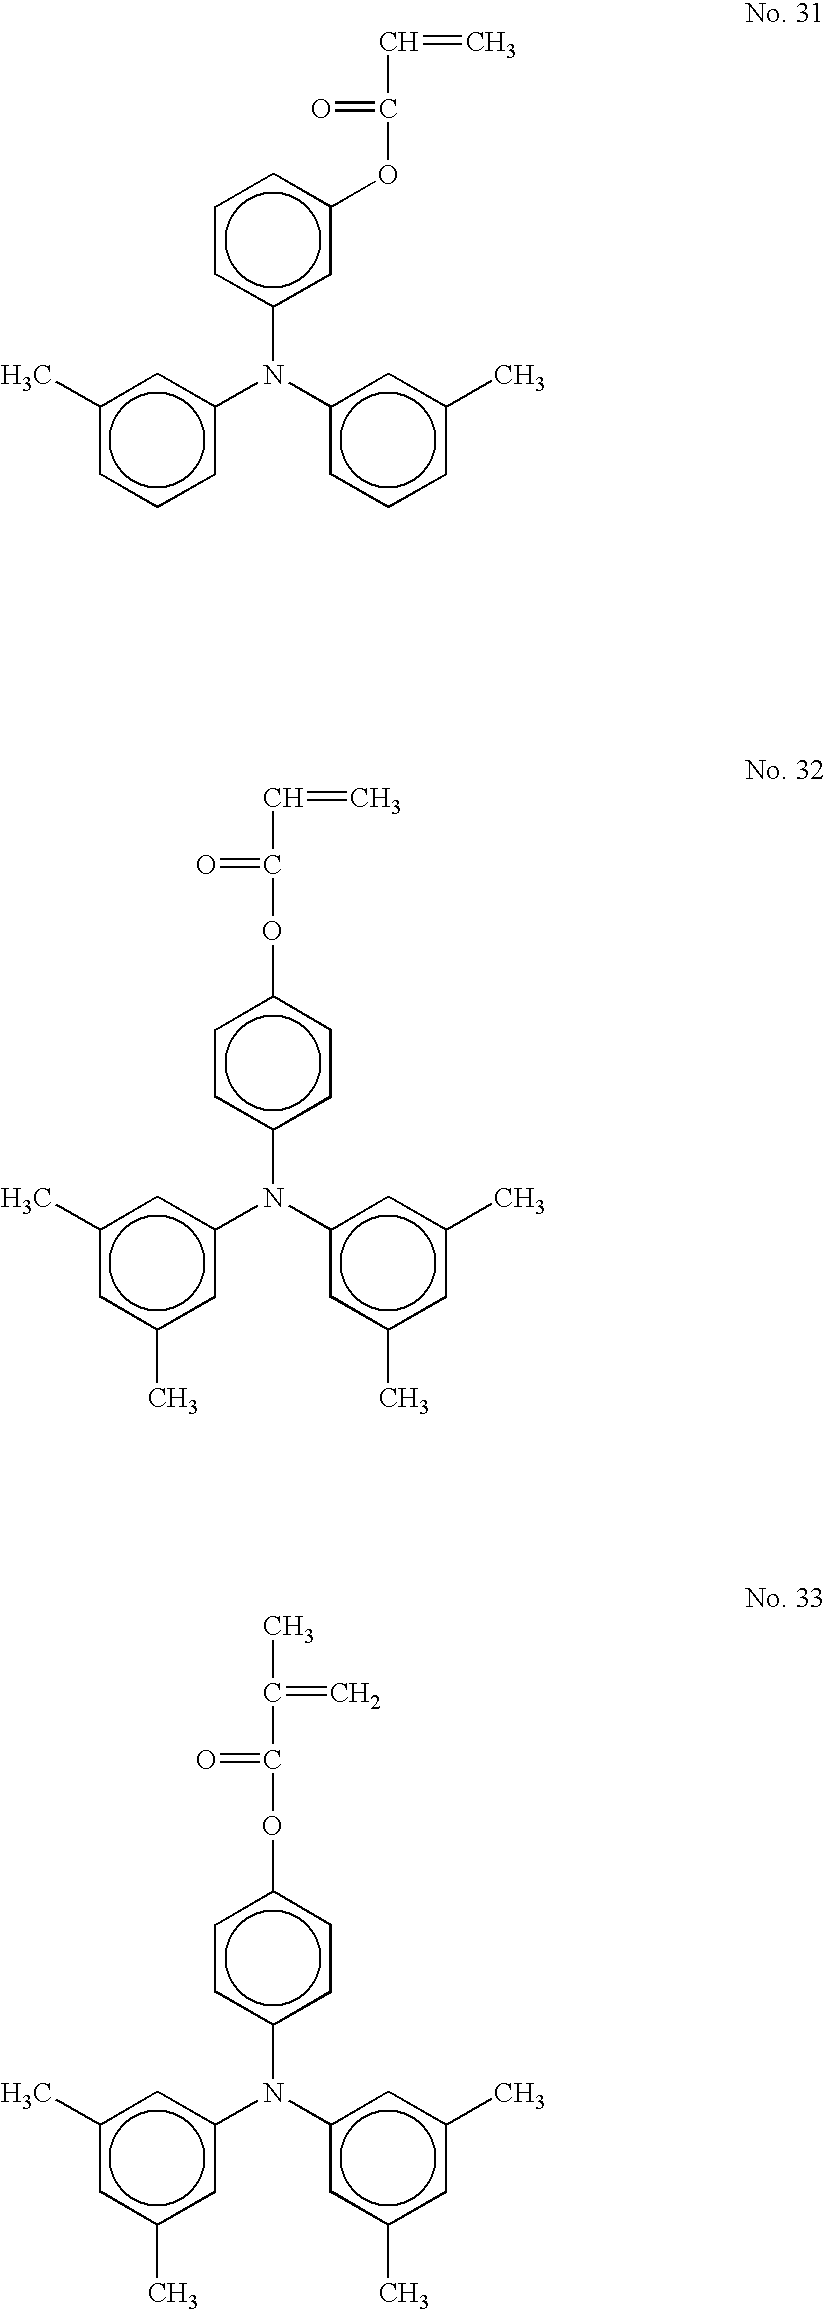 Figure US20060177749A1-20060810-C00027